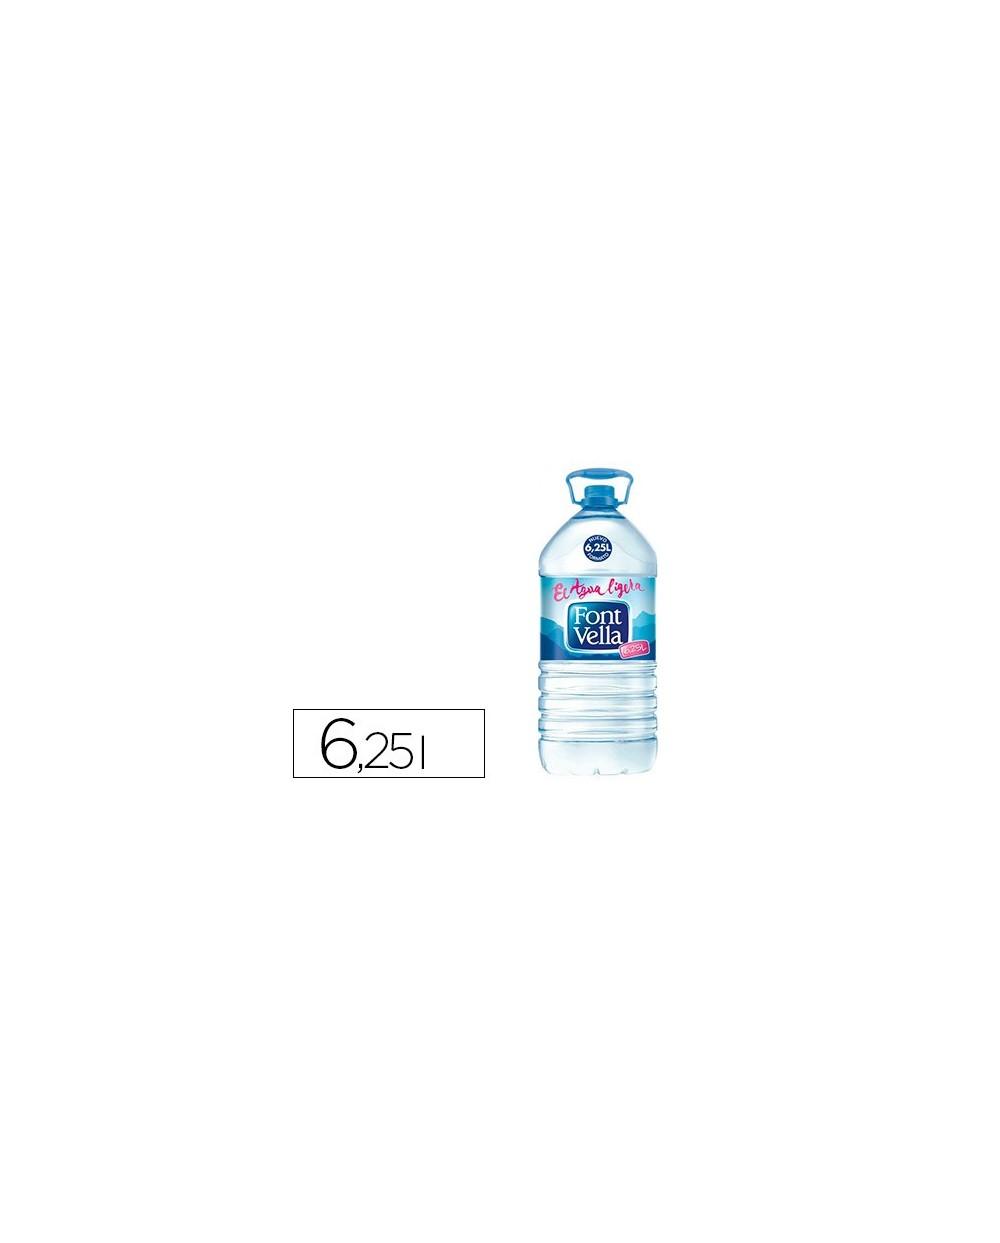 Agua mineral natural font vella sant hilari 625 l